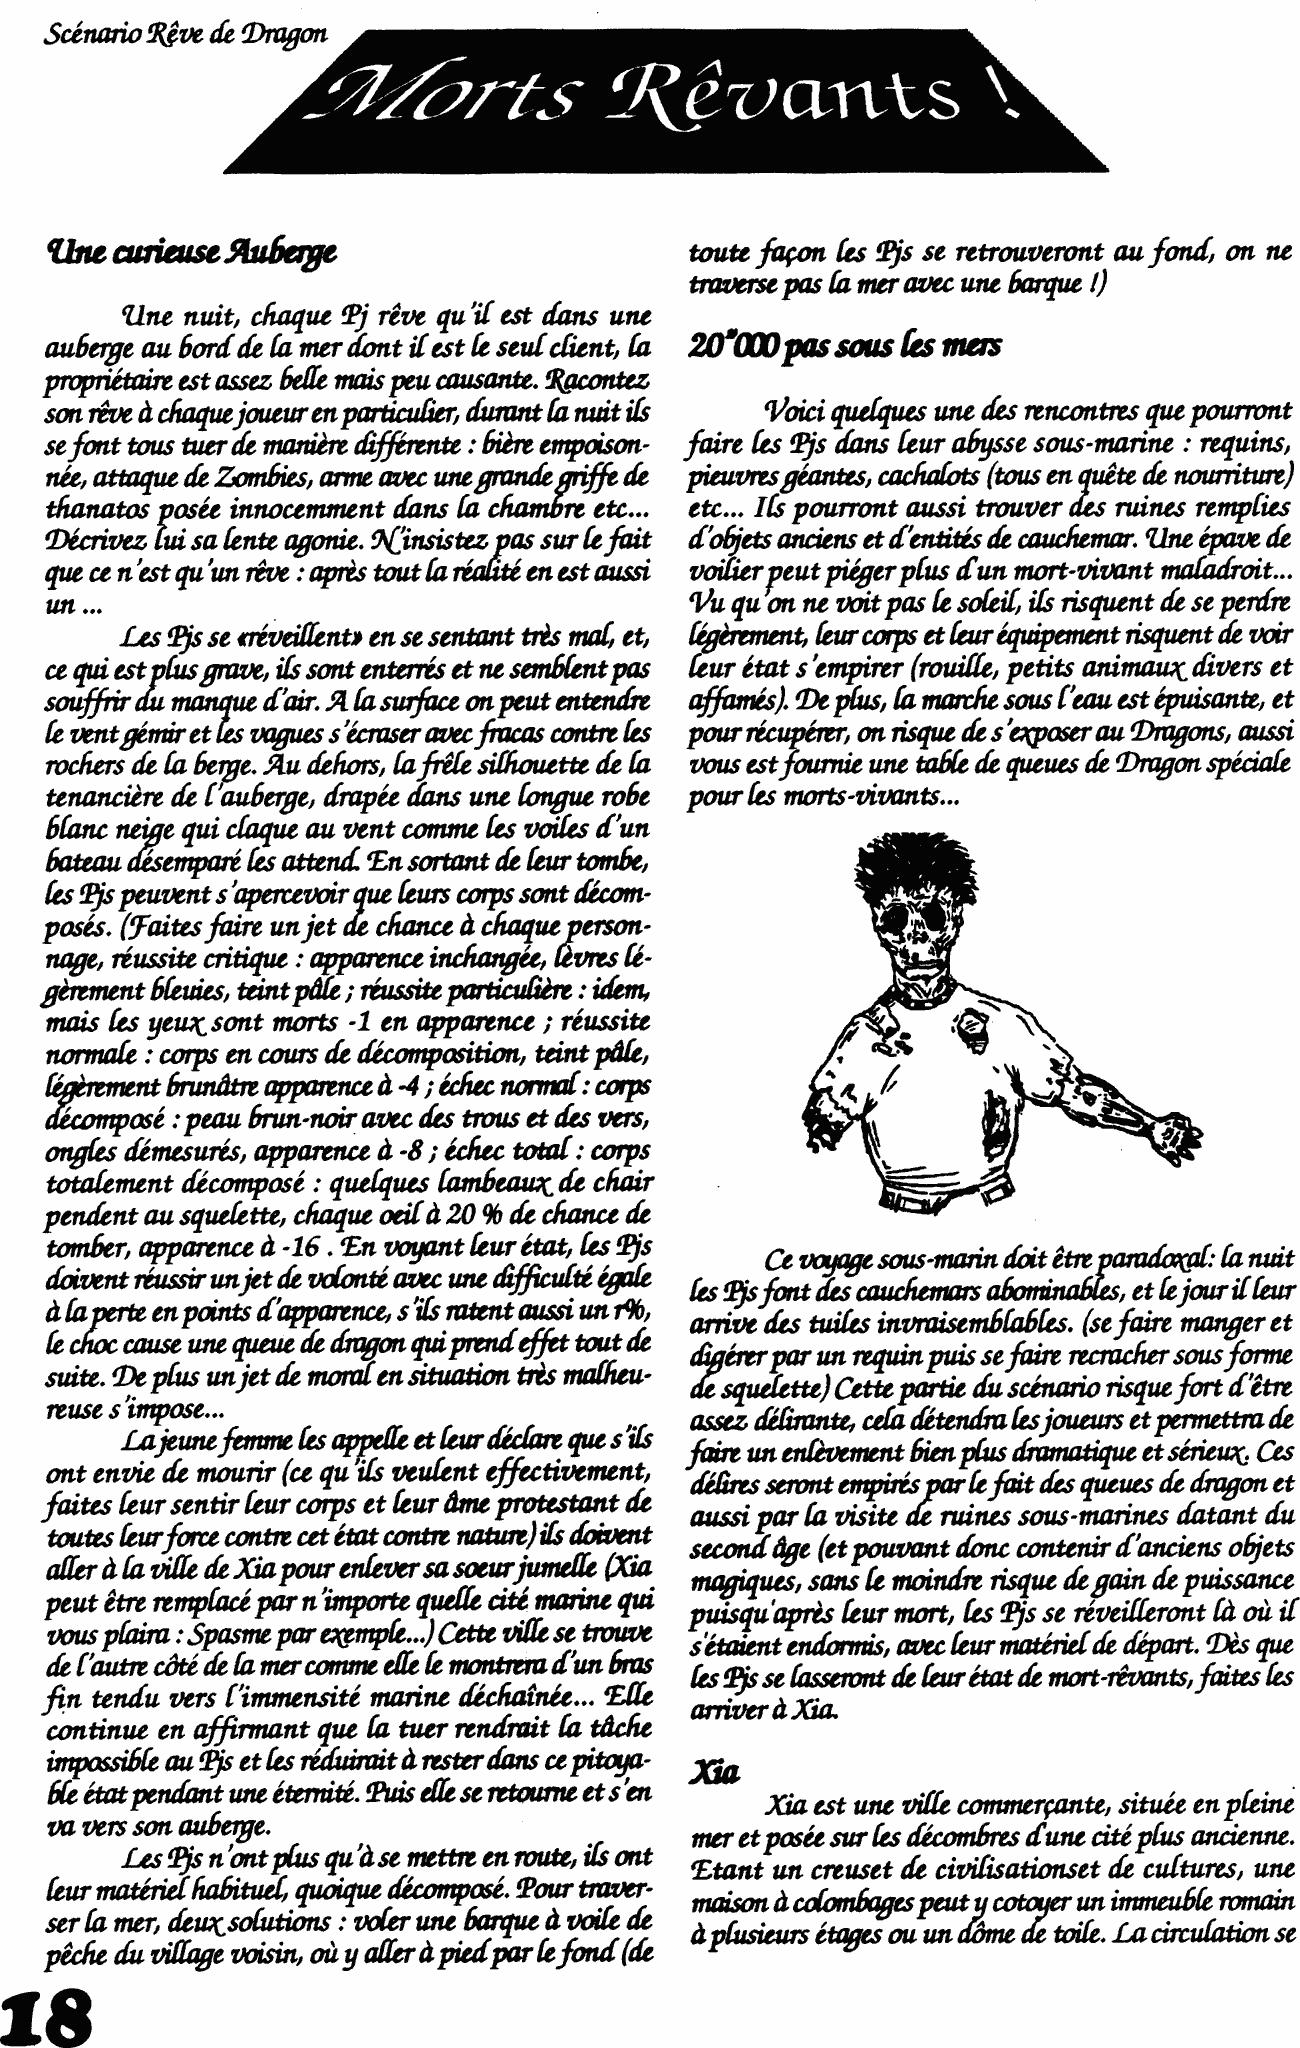 Première Page du Scénario Rêve de Dragon 'Mort-Rêvants'